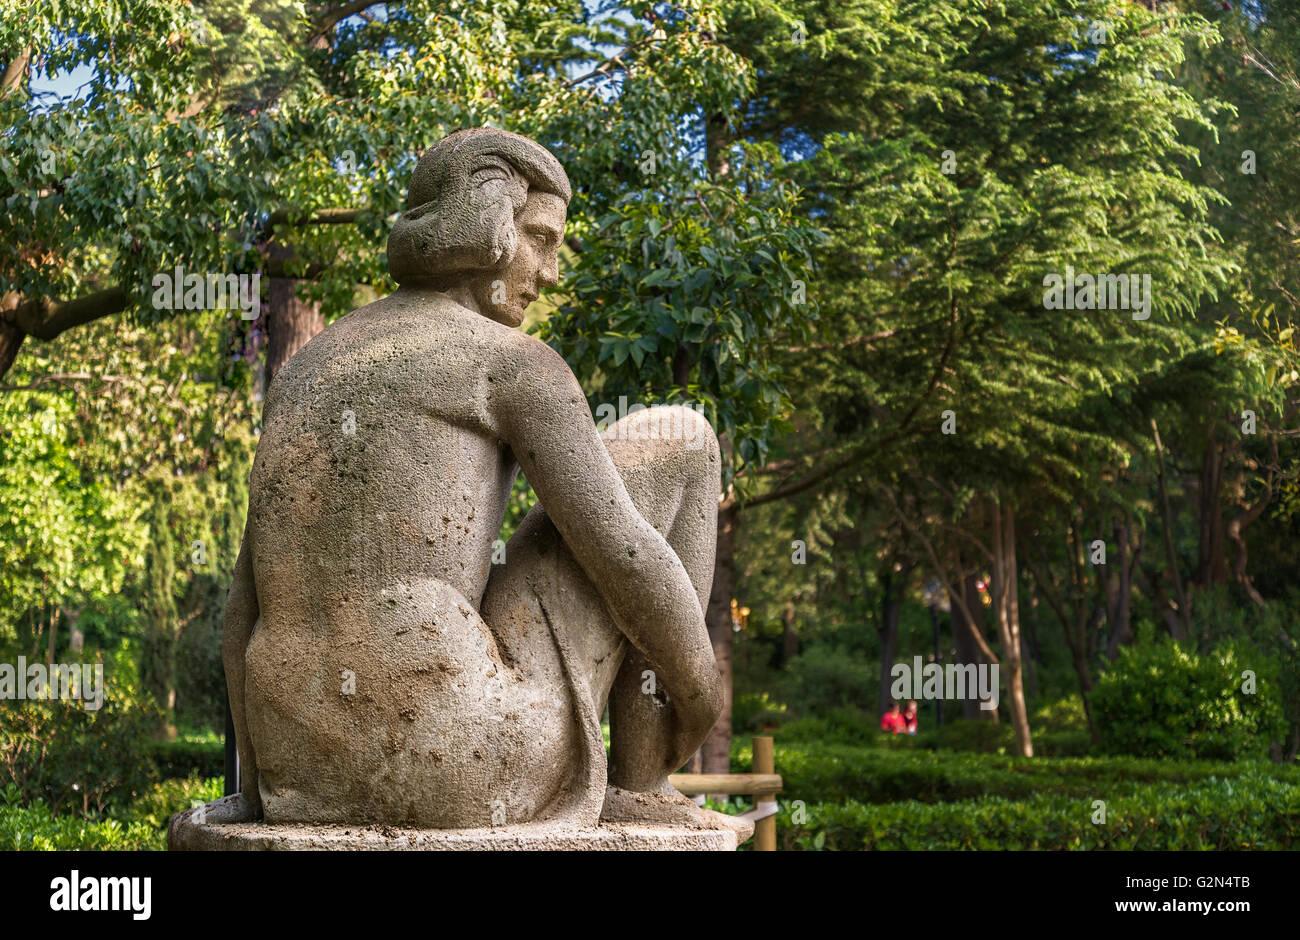 Statue in Montjuic, Barcelona, Spain - Stock Image